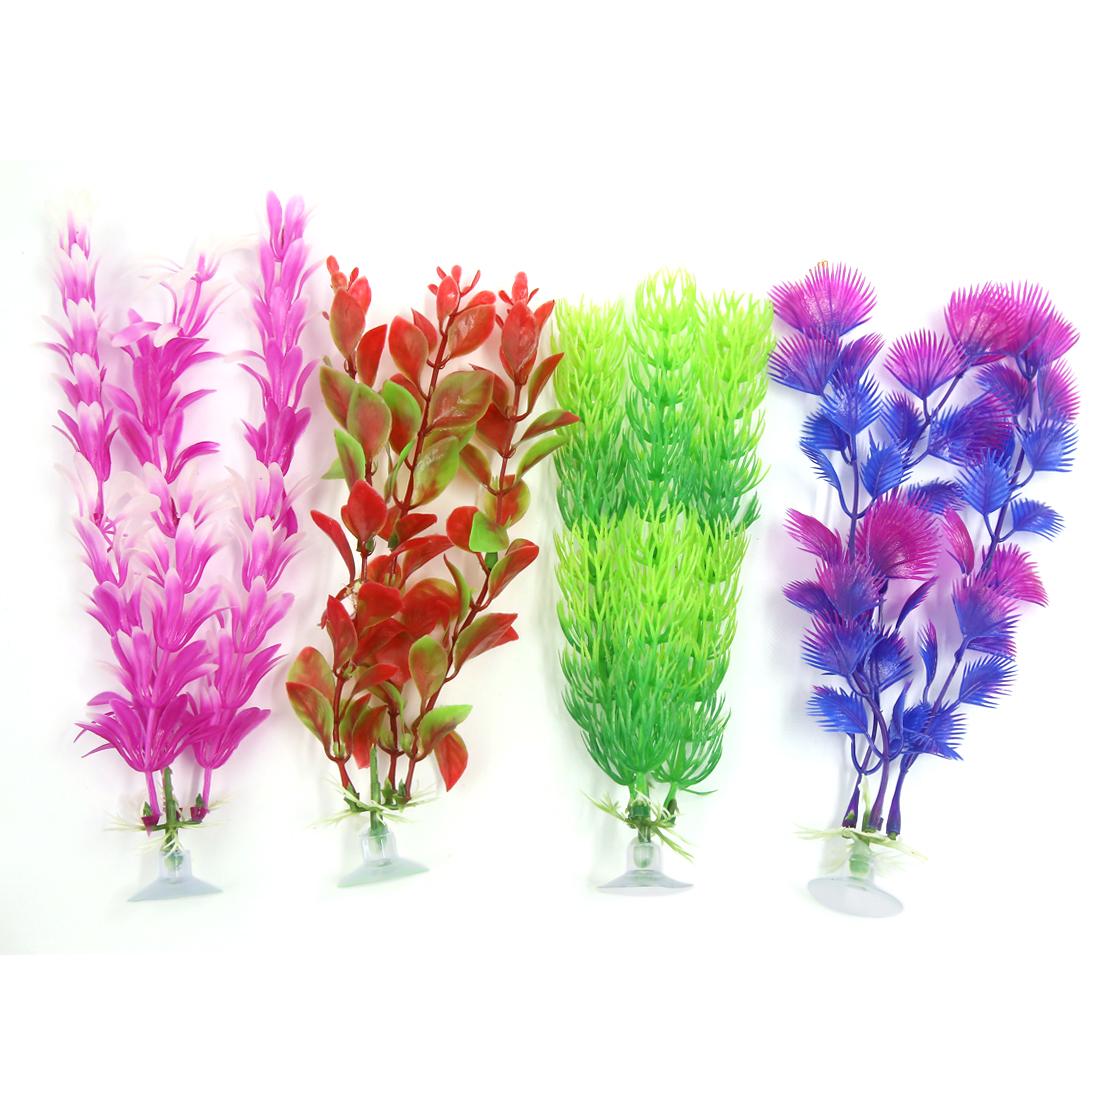 Tank Aquarium Ornament Plastic Decoration Plants With Suction Cup 4 Pcs